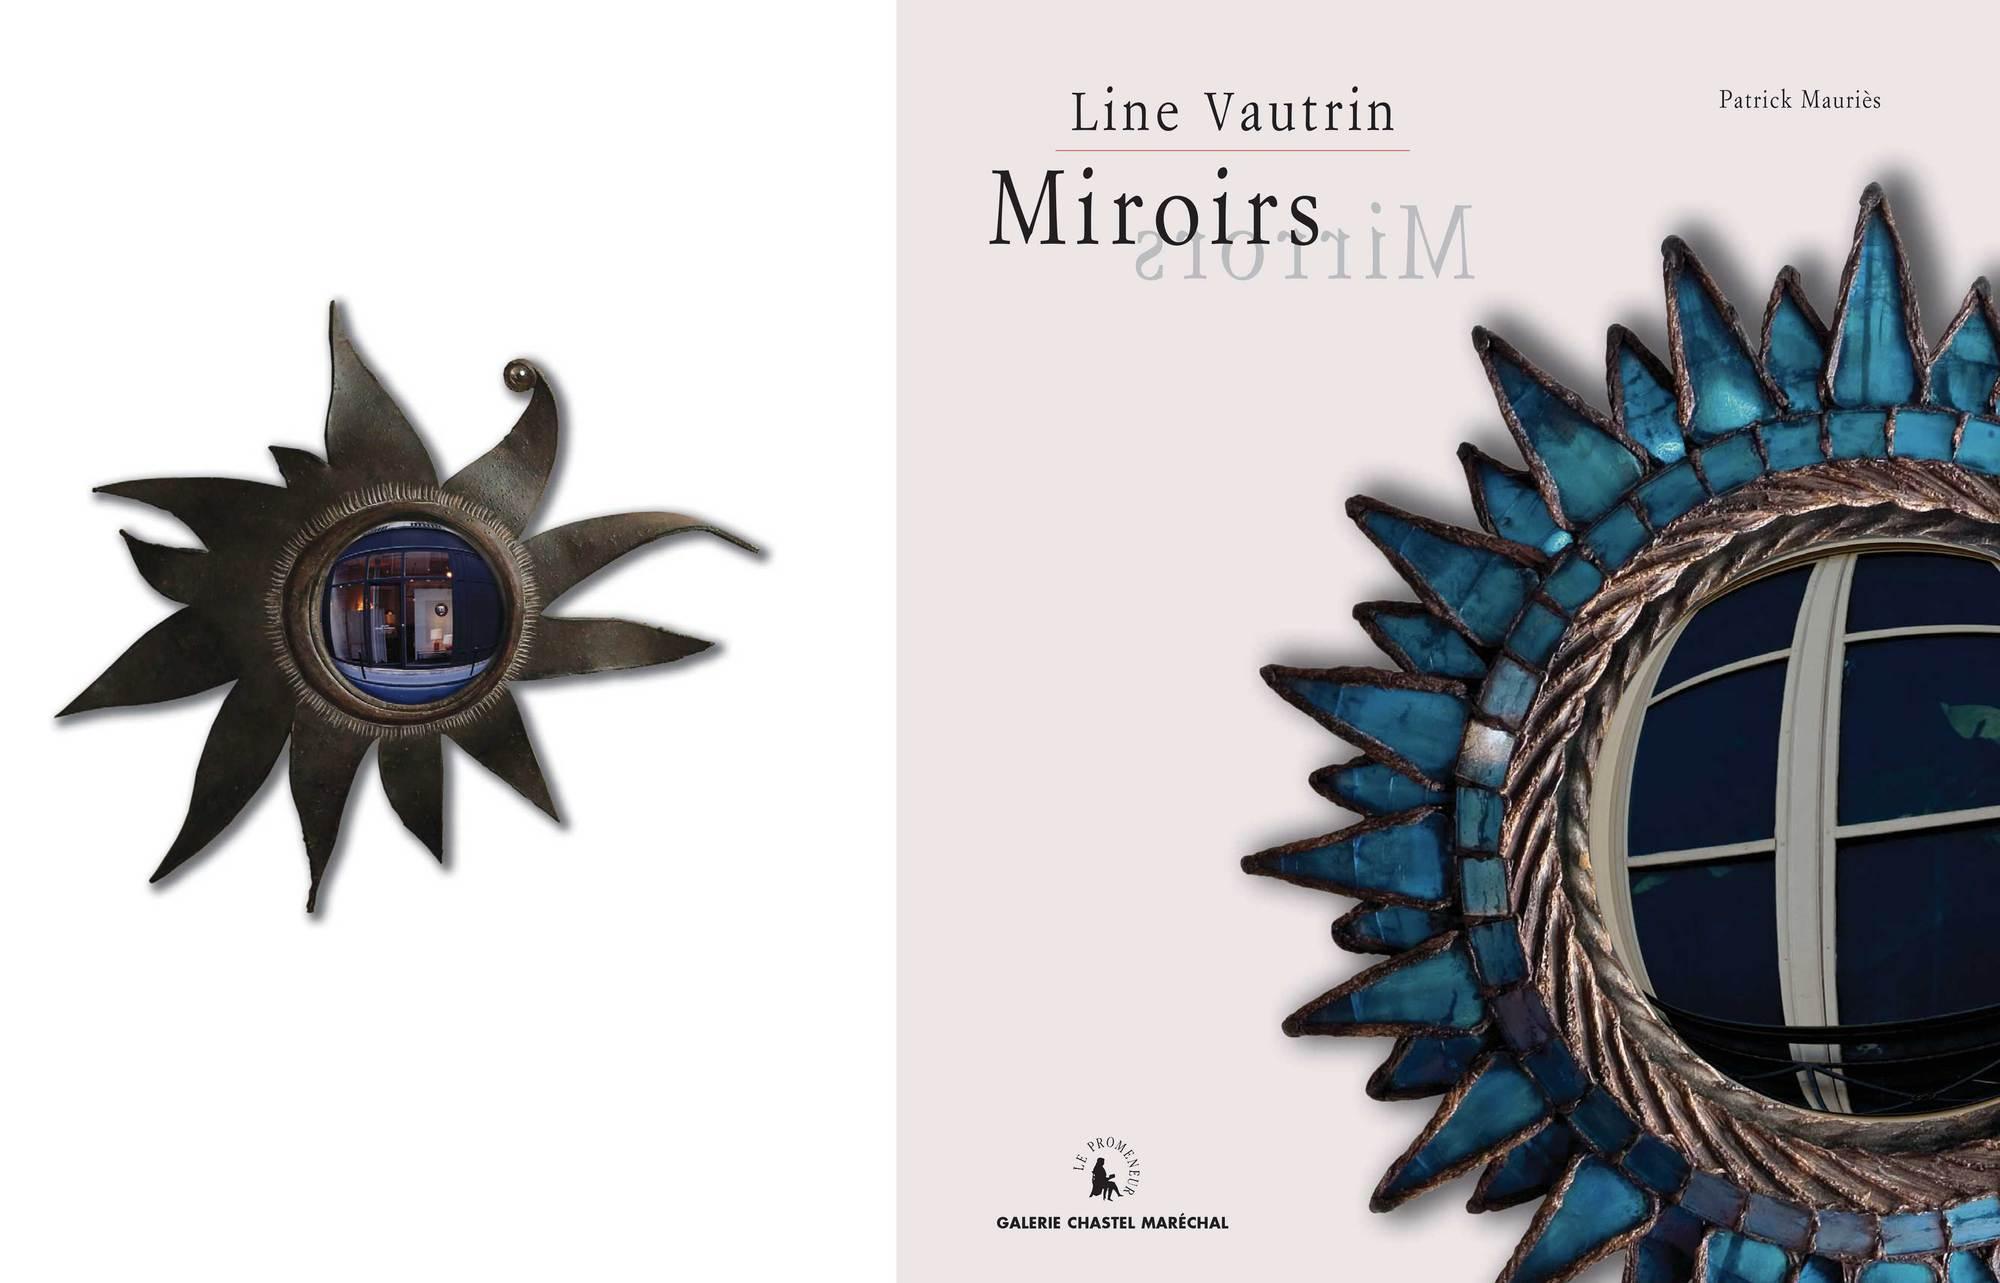 vautrin-miroirs